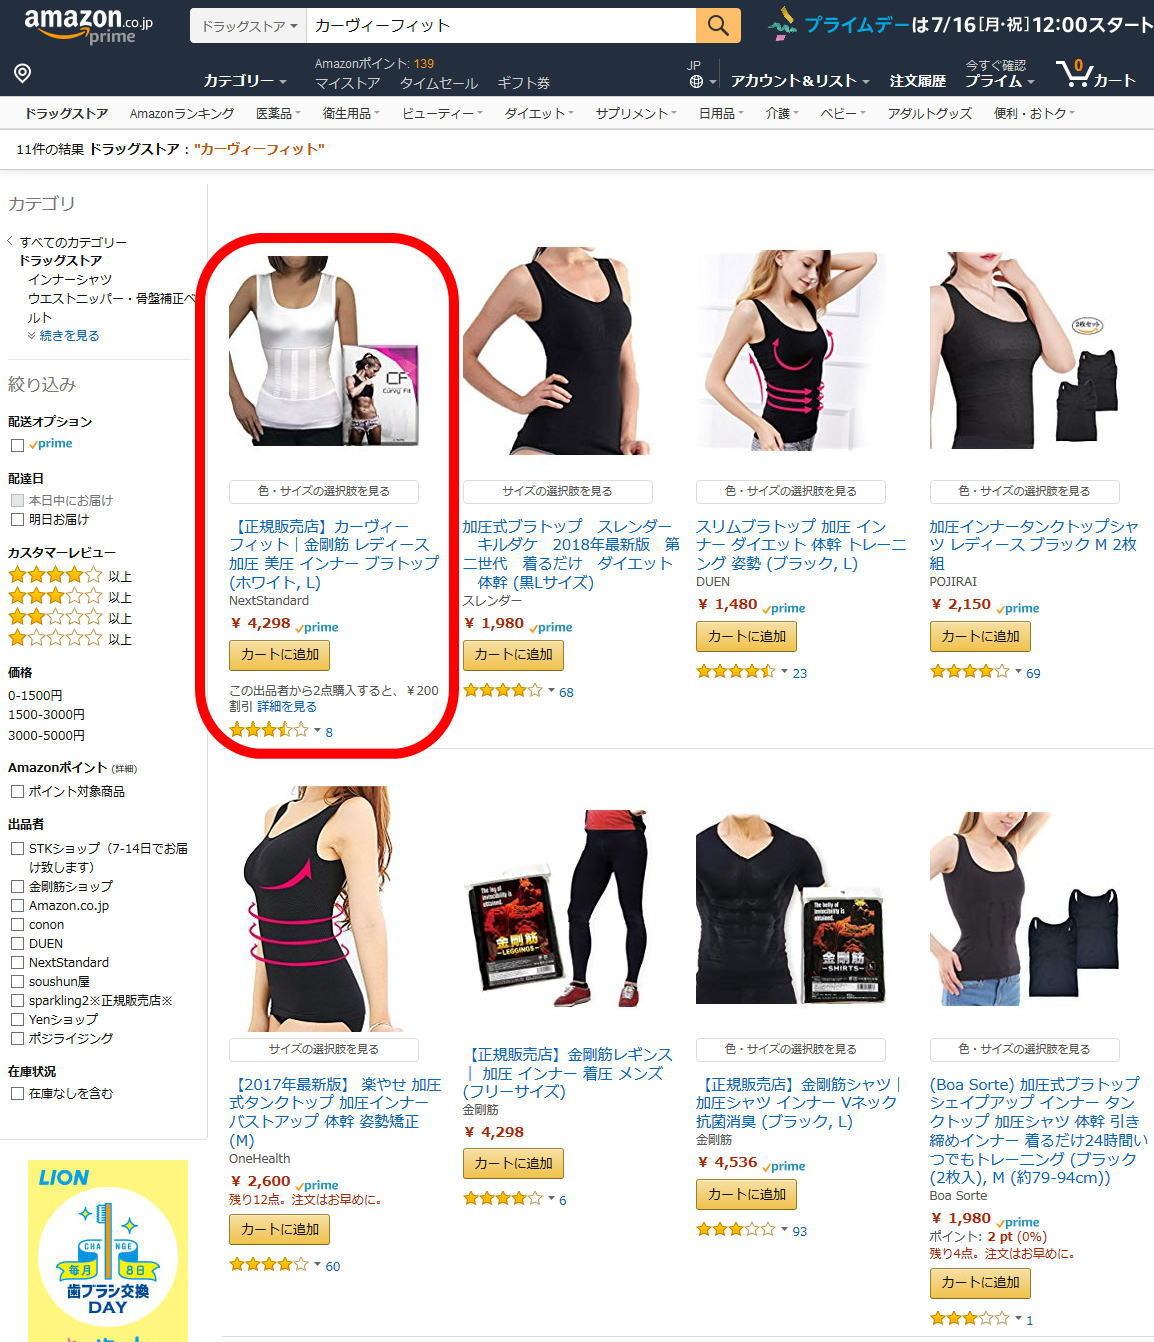 カーヴィーフィット[アマゾン][薬局]で徹底調査!価格比較してみると・・・。